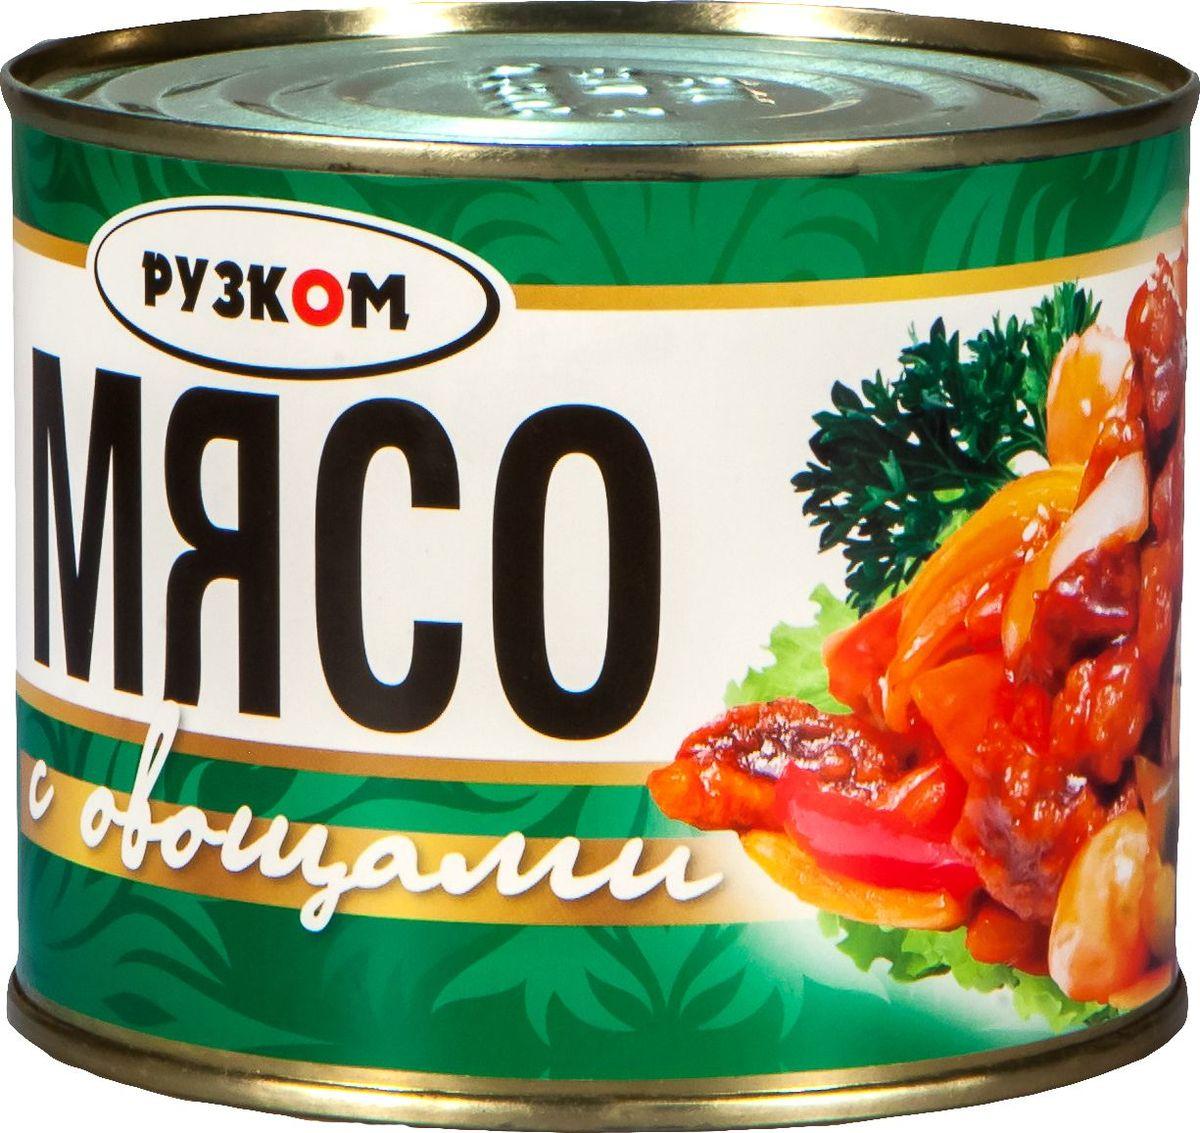 Рузком Мясо с овощами, 525 г